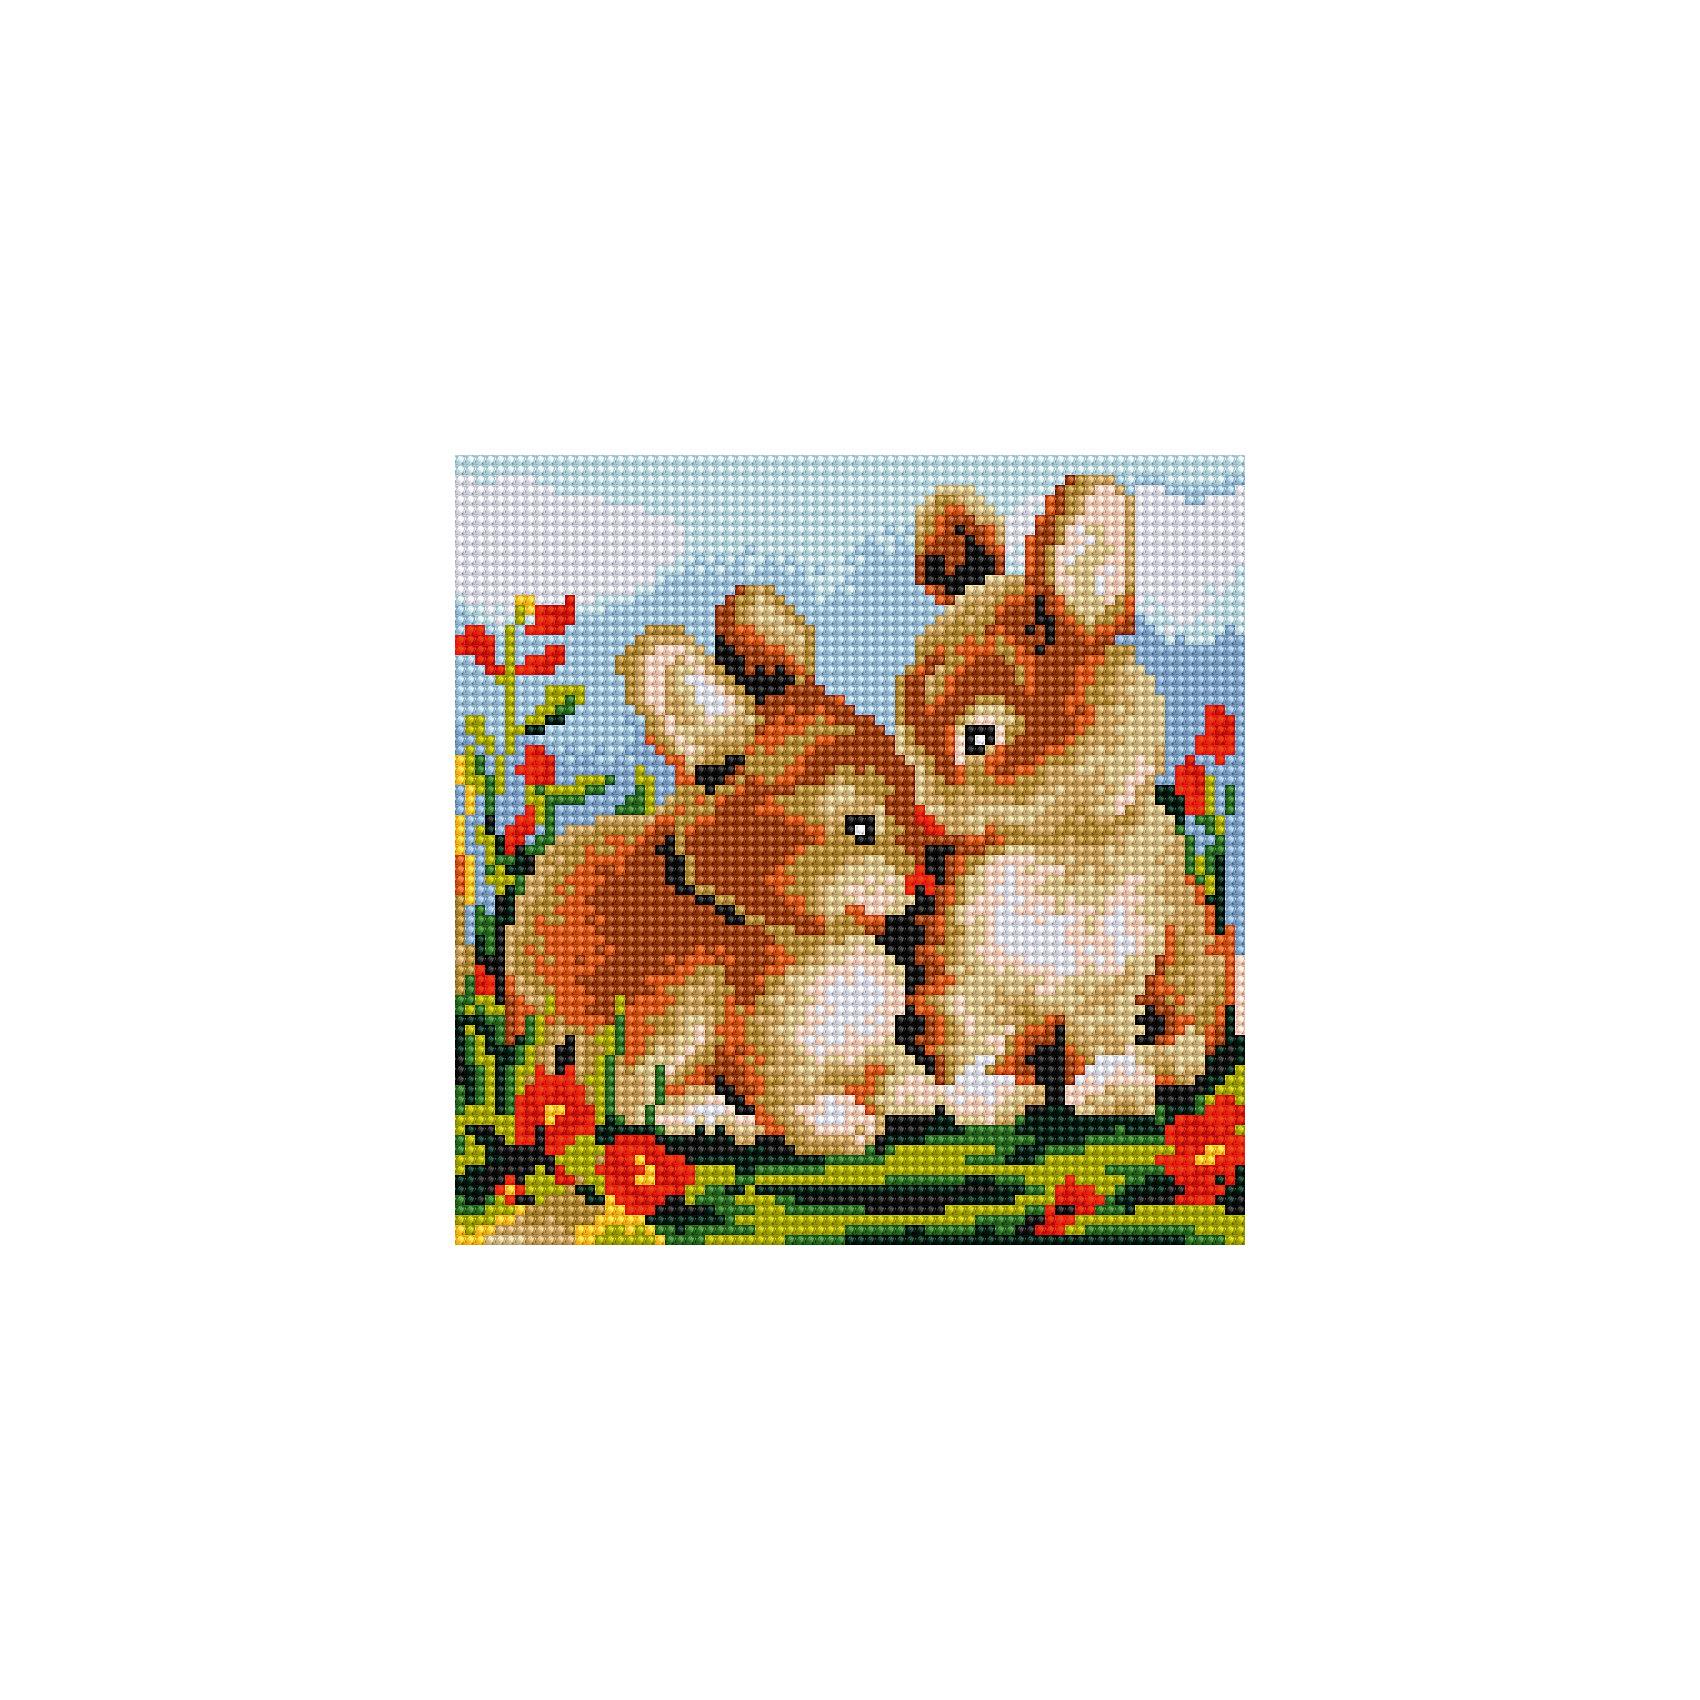 Schreiber Алмазная мозаика по номерами Кролики 20*20 см schreiber алмазная мозаика по номерами белочка 20 20 см